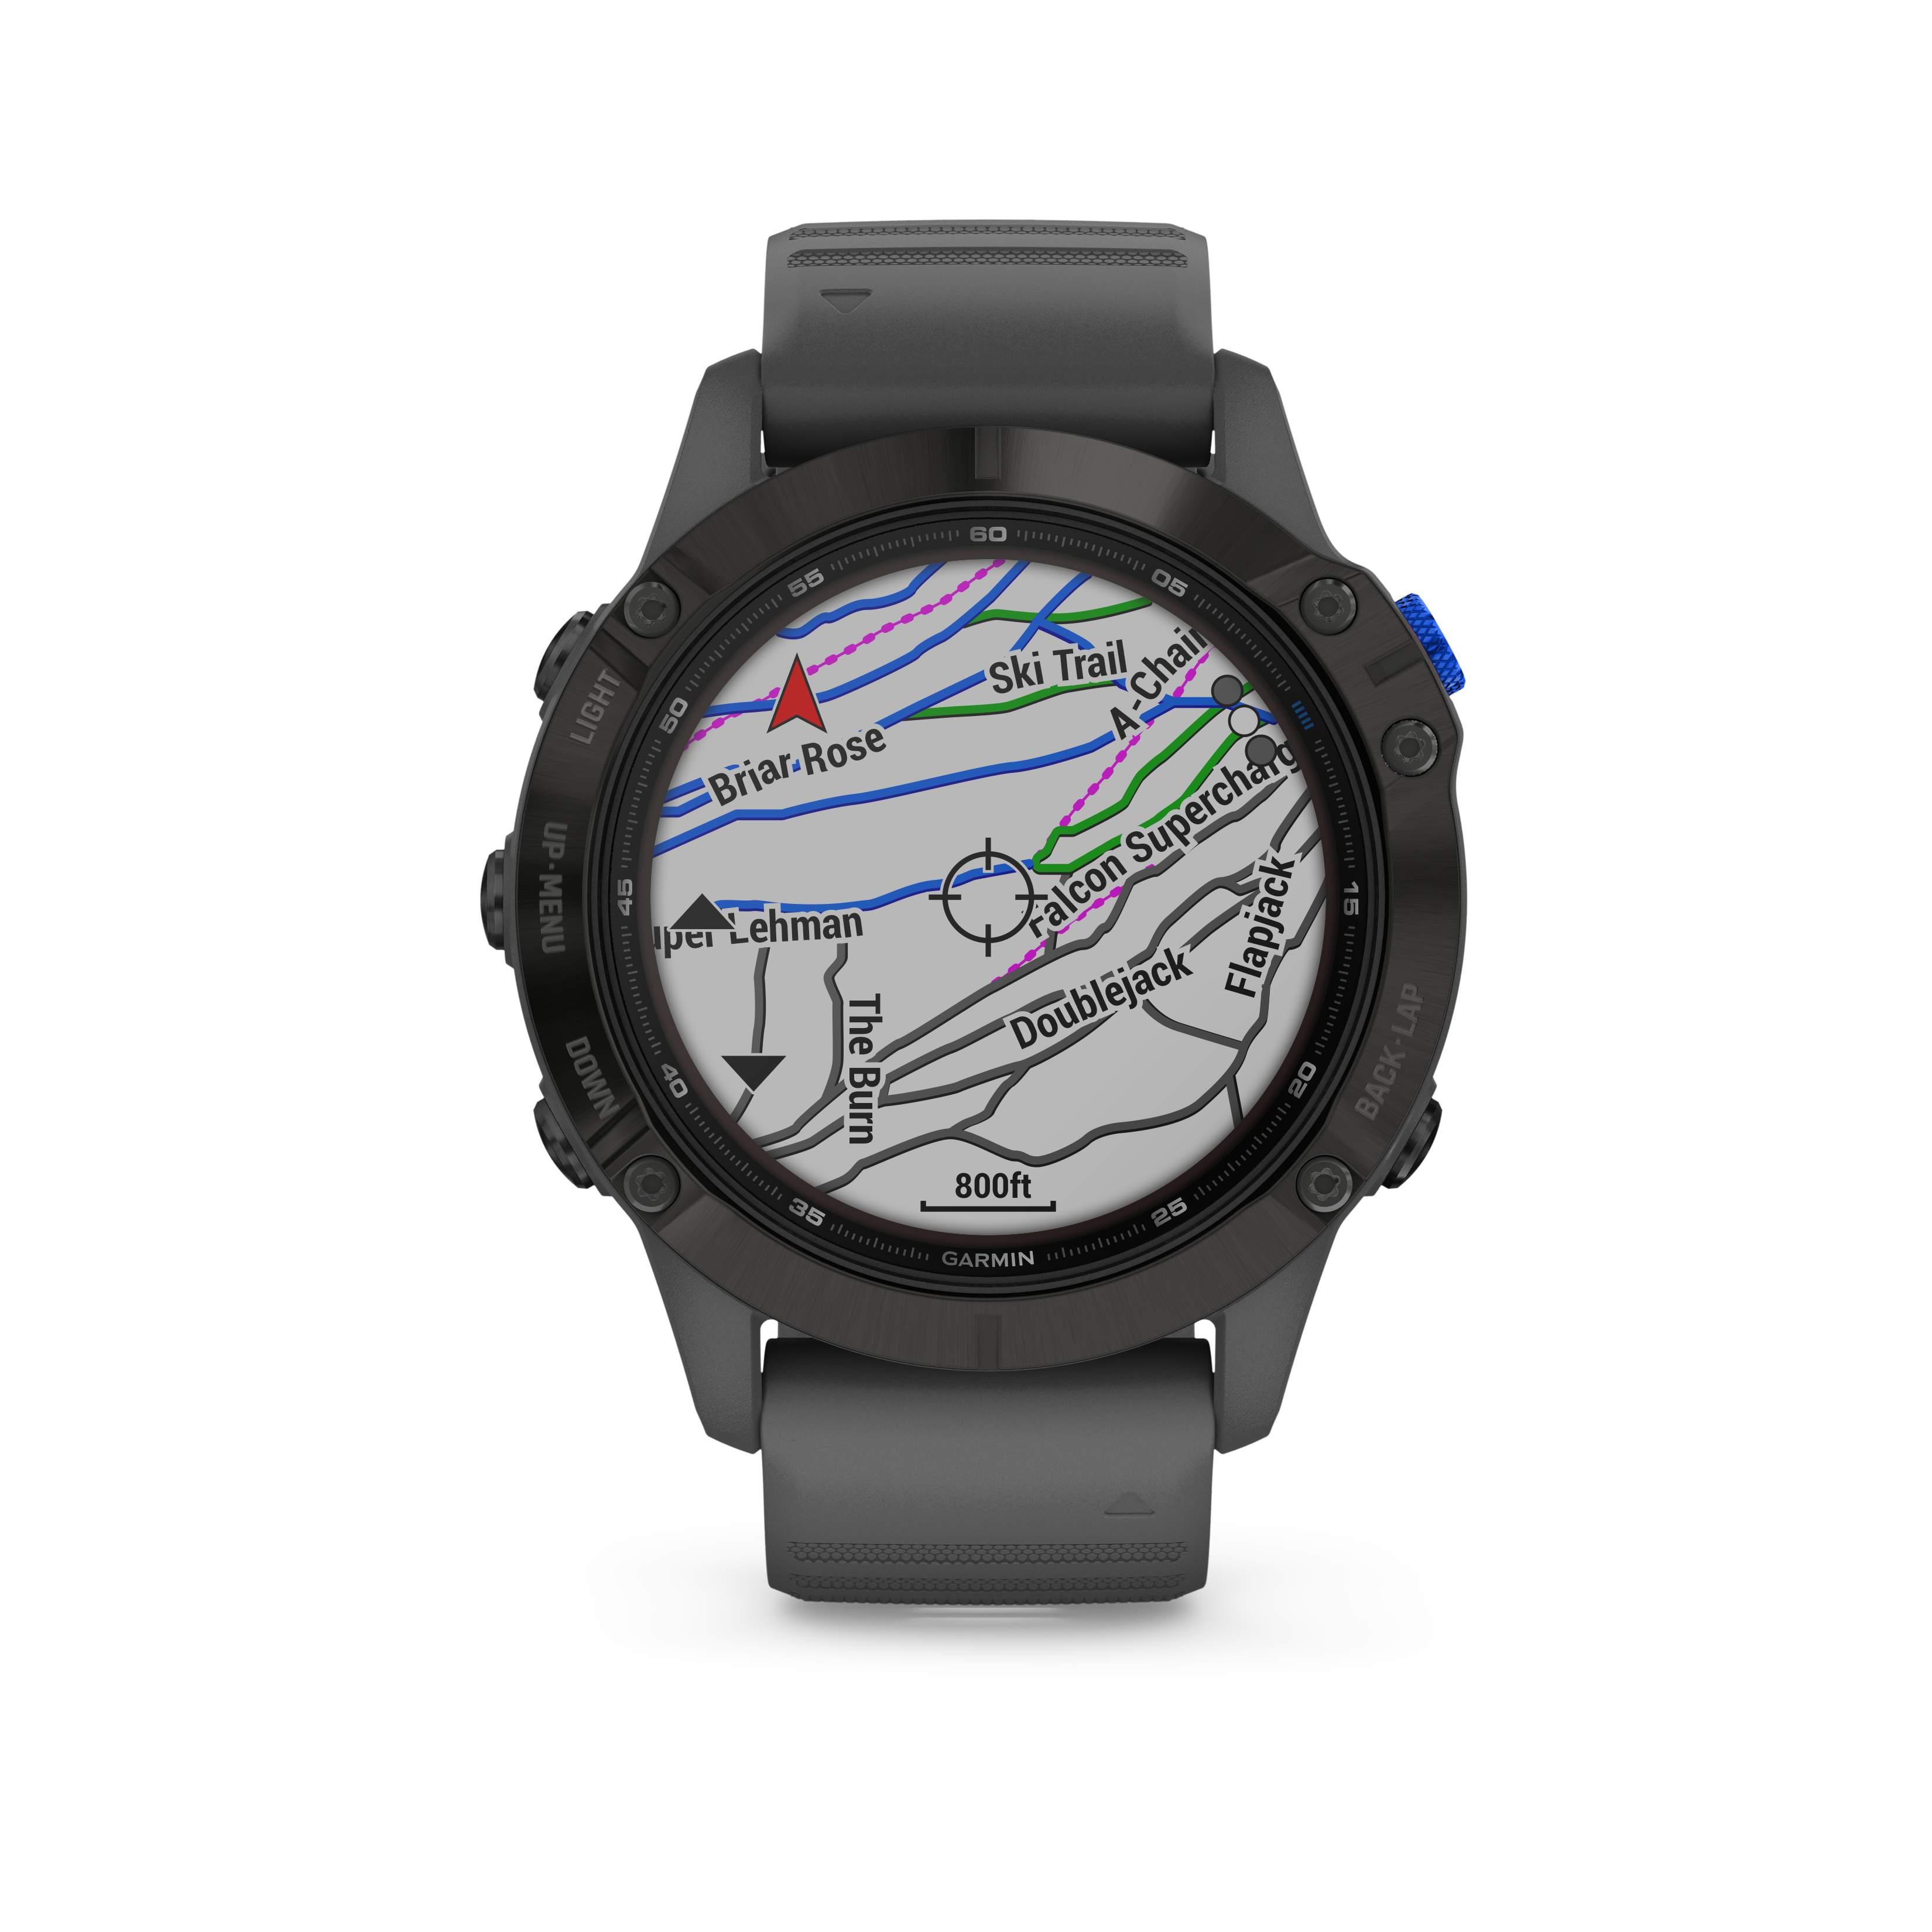 Garmin fēnix 6 – Pro Solar Schwarz mit schiefergrauem Armband